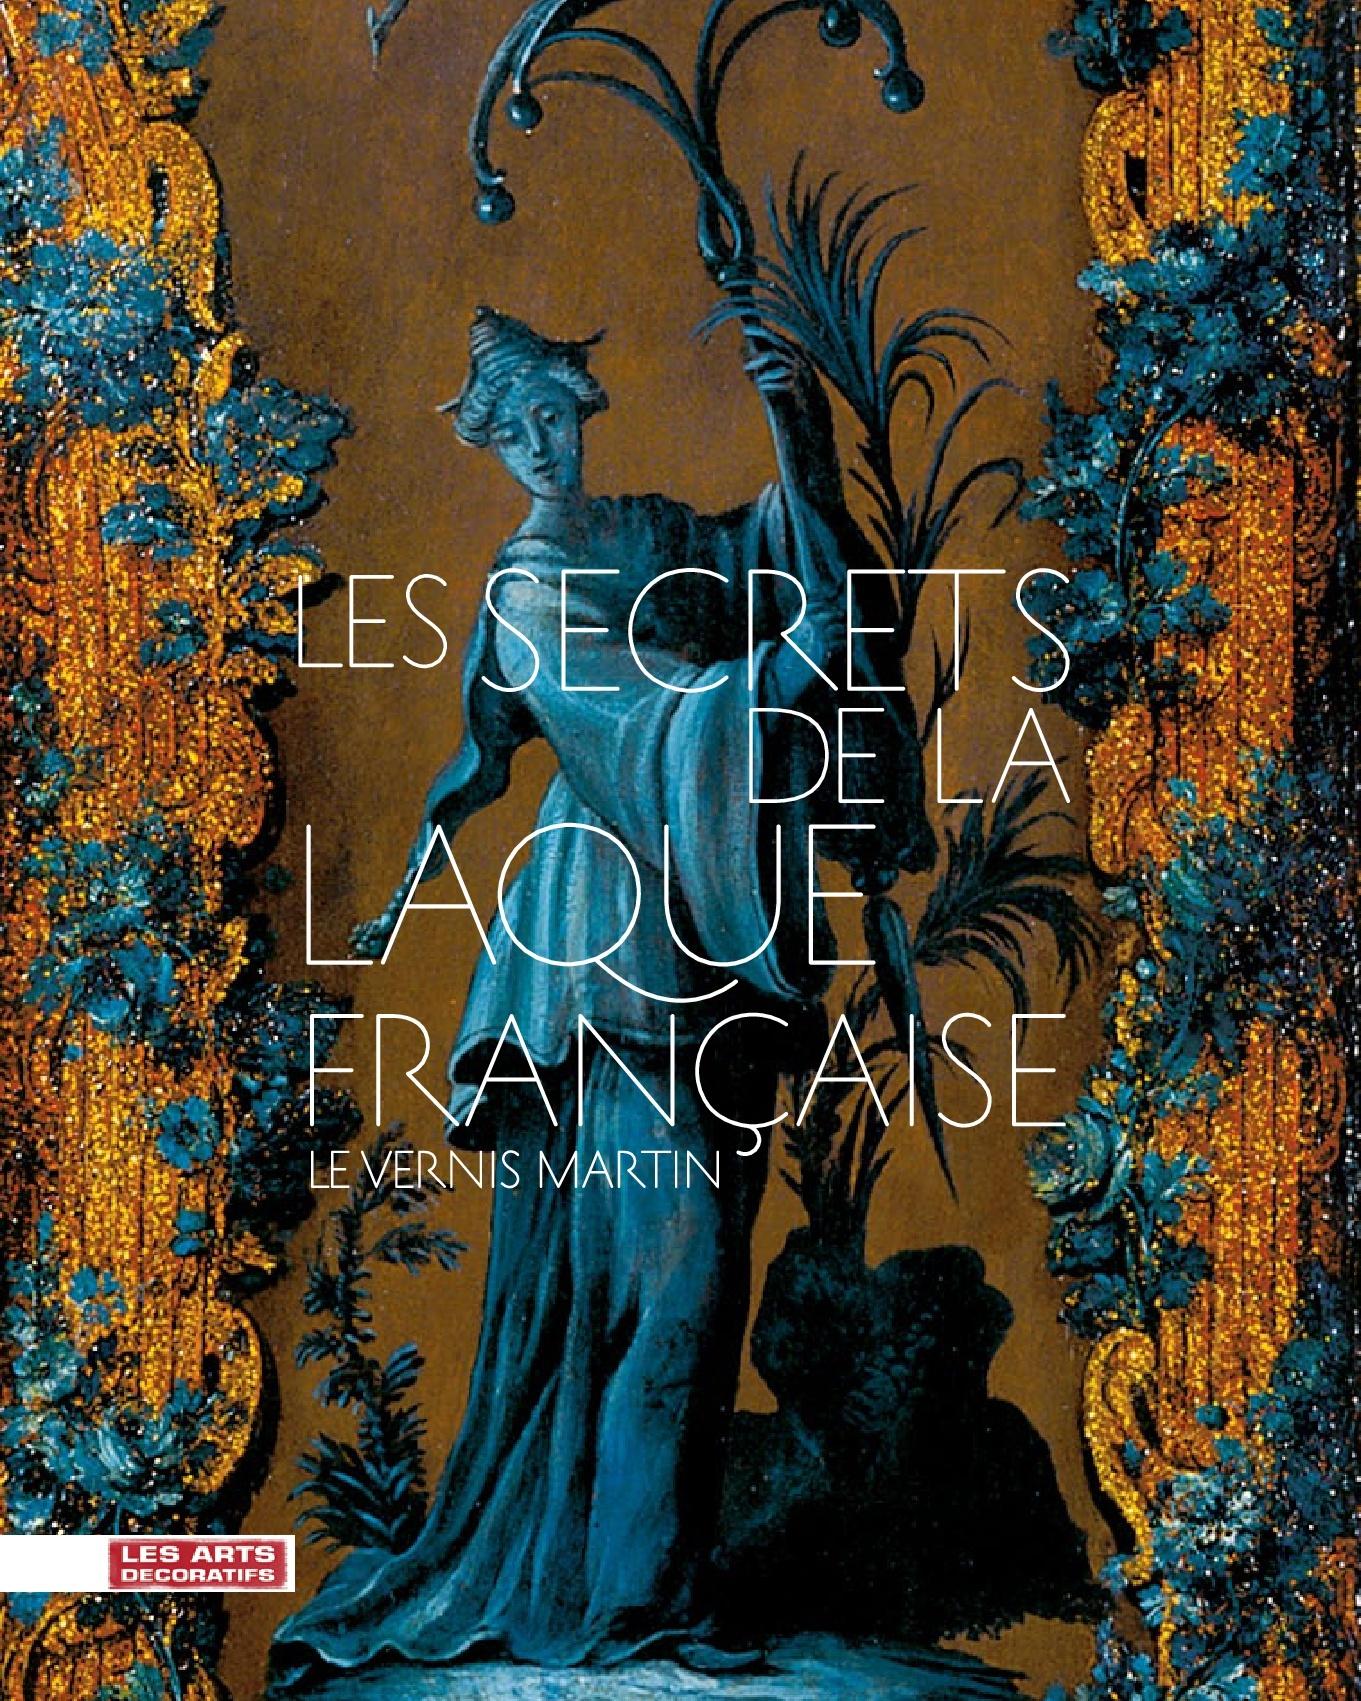 SECRETS DE LA LAQUE FRANCAISE (LE)